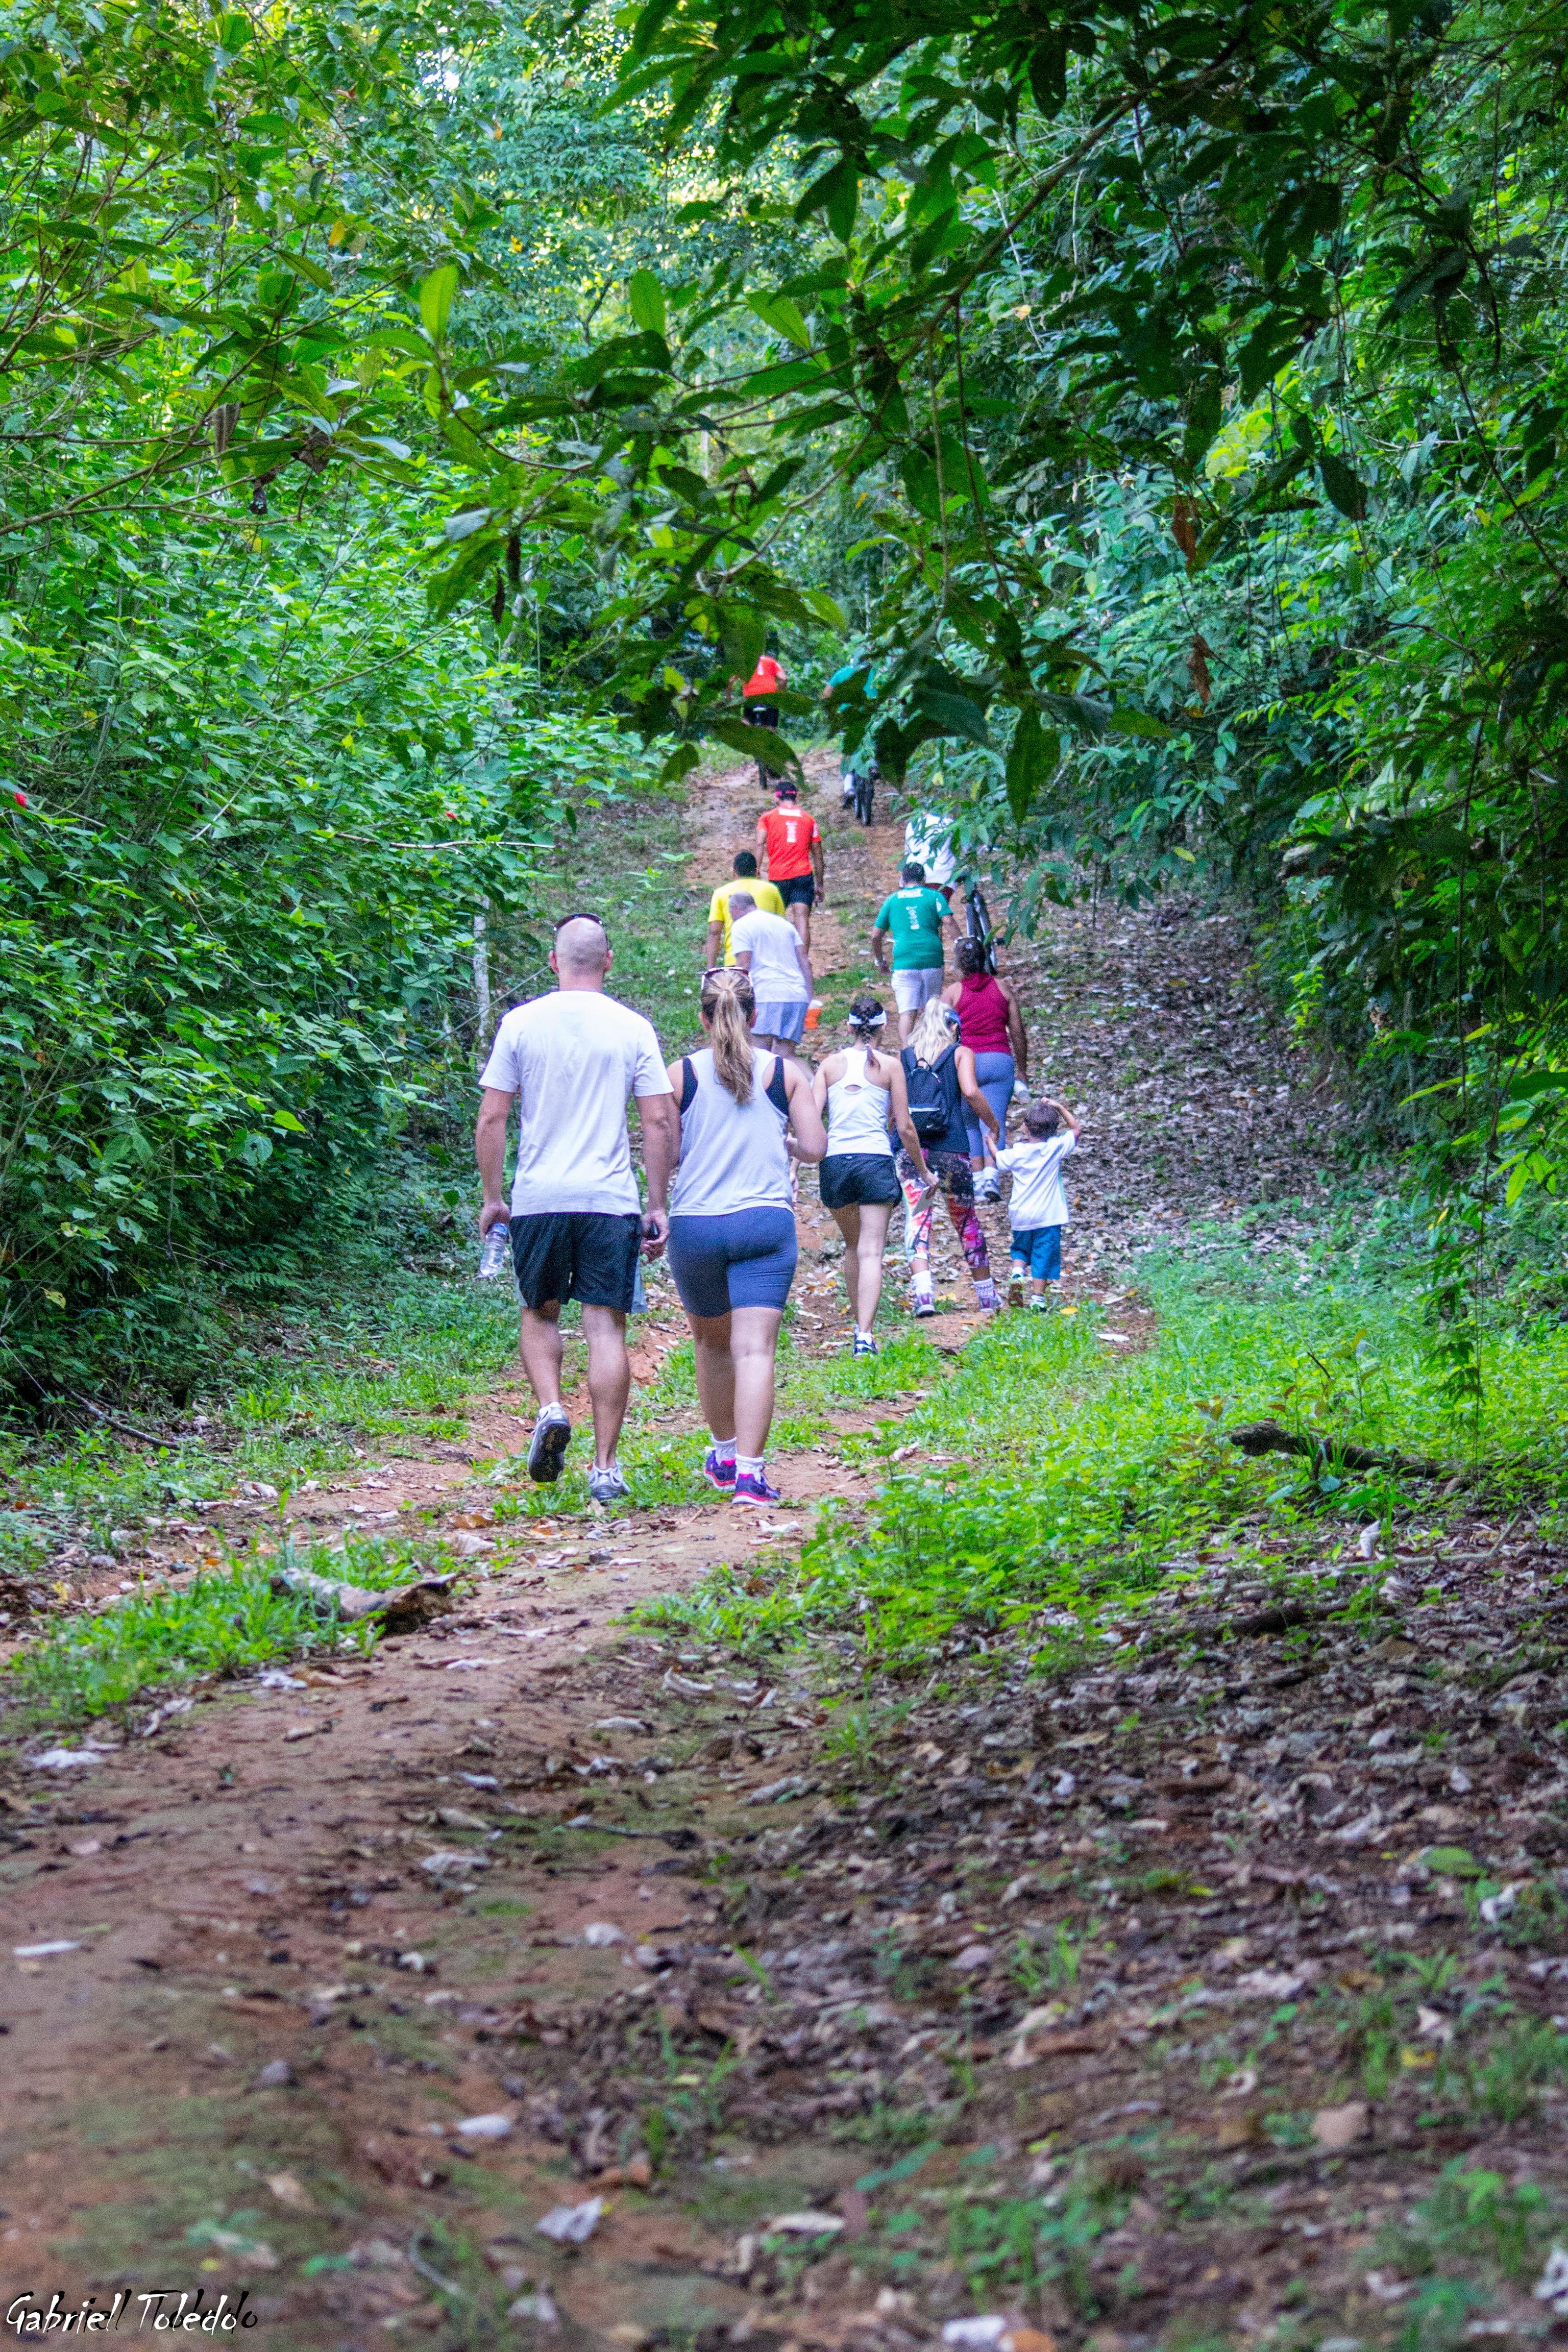 Grupo fazendo caminhada ecológica no